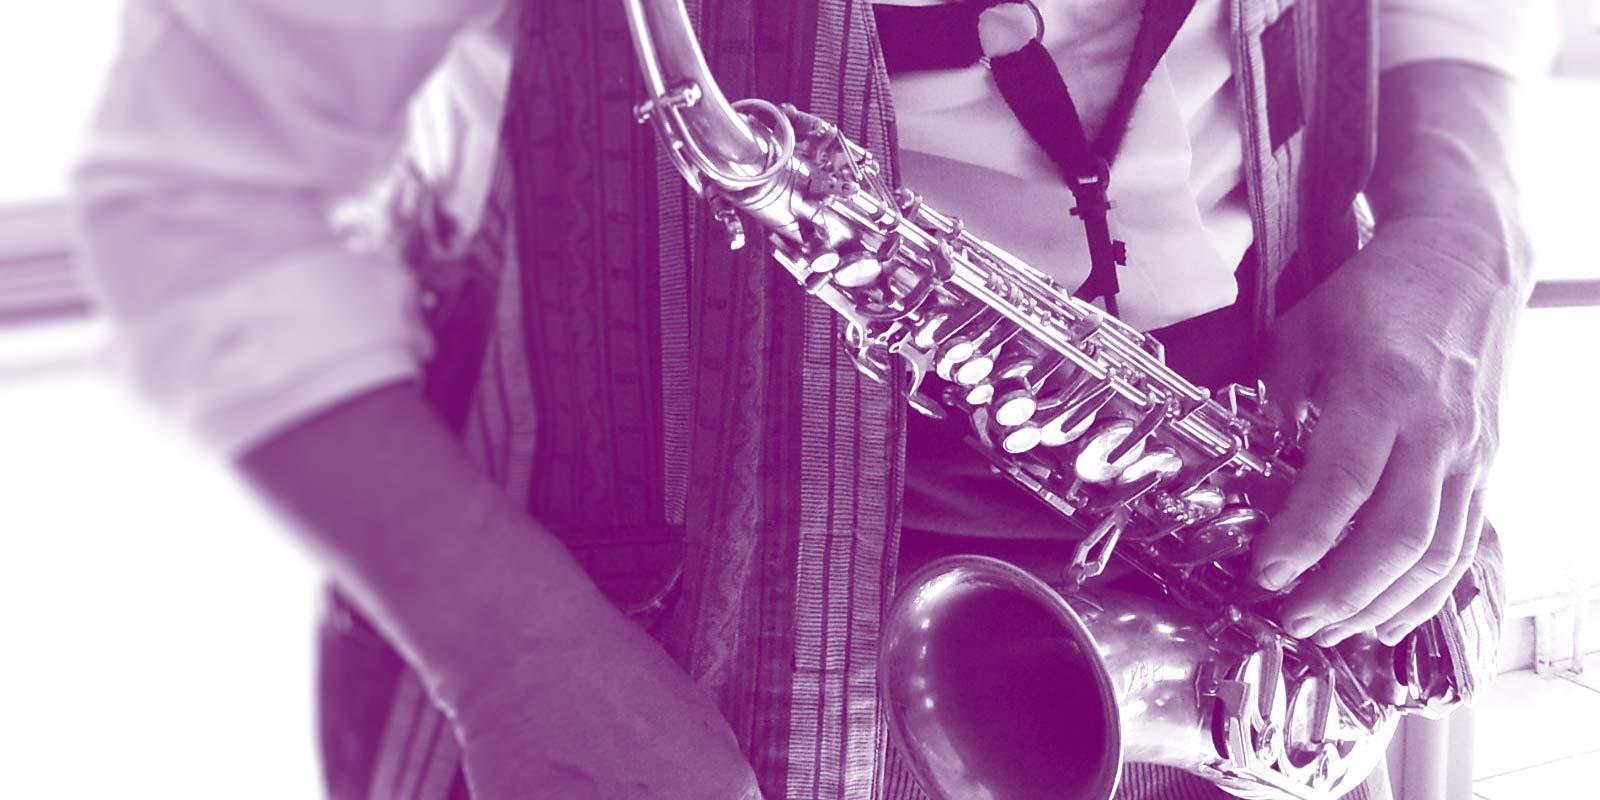 Animation saxophone